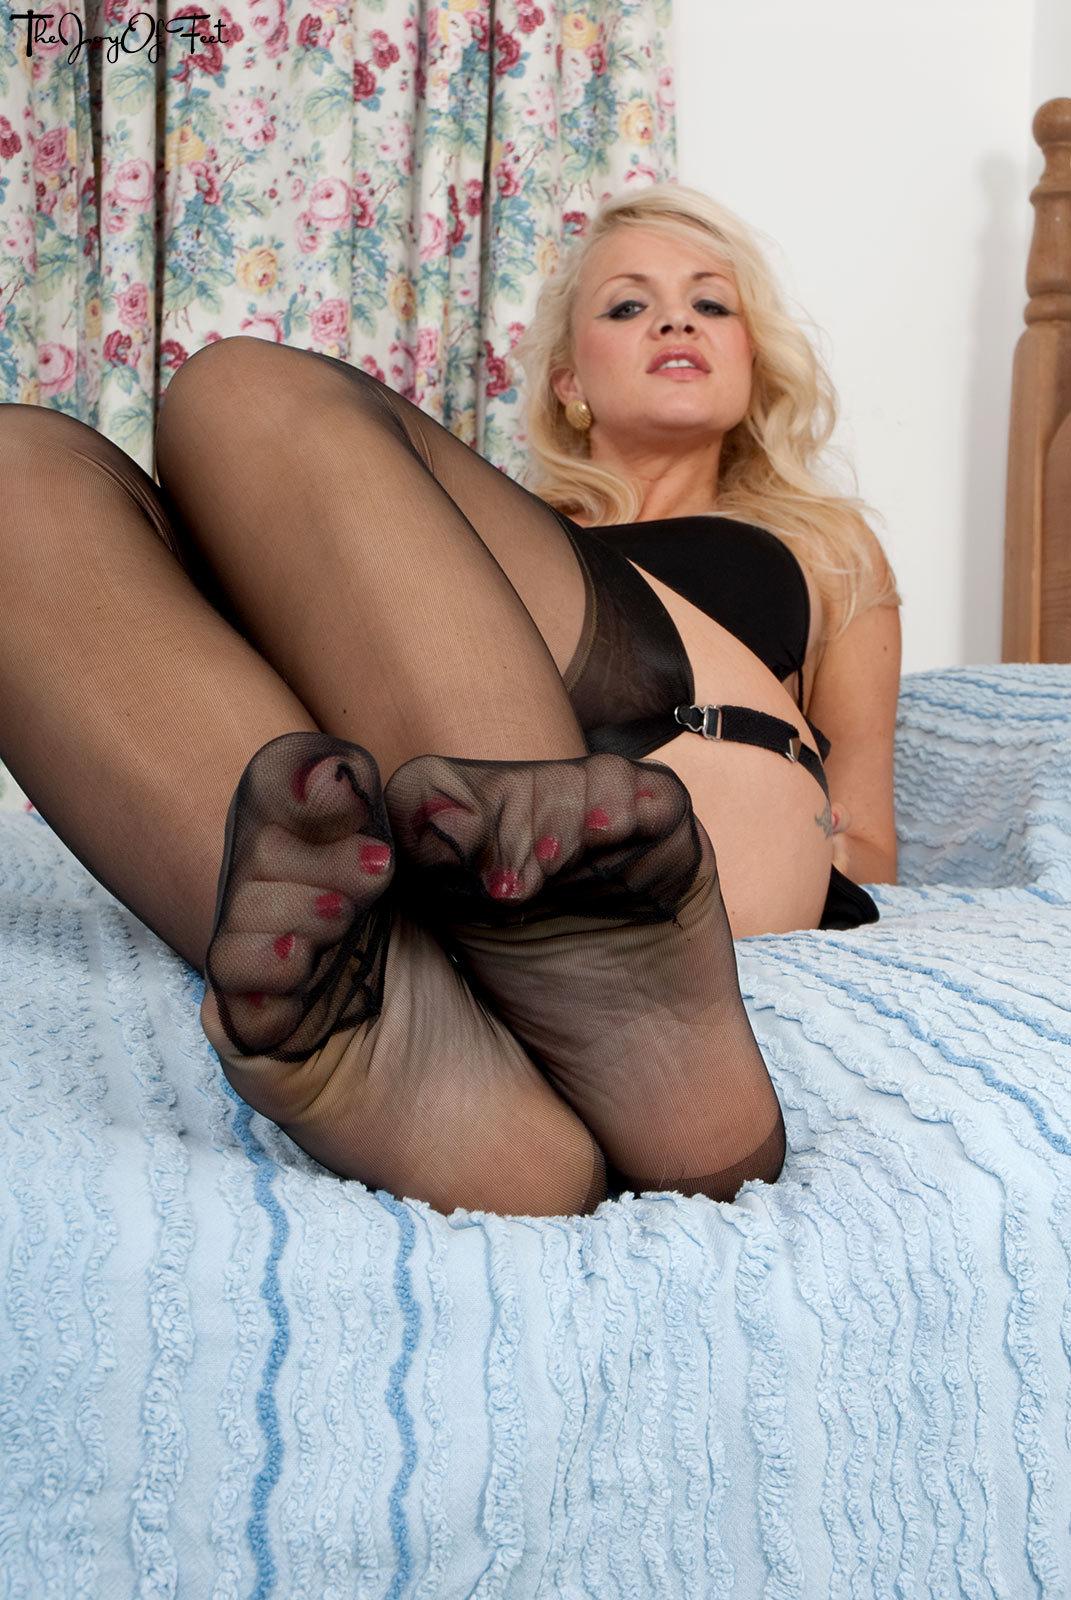 Babe feet